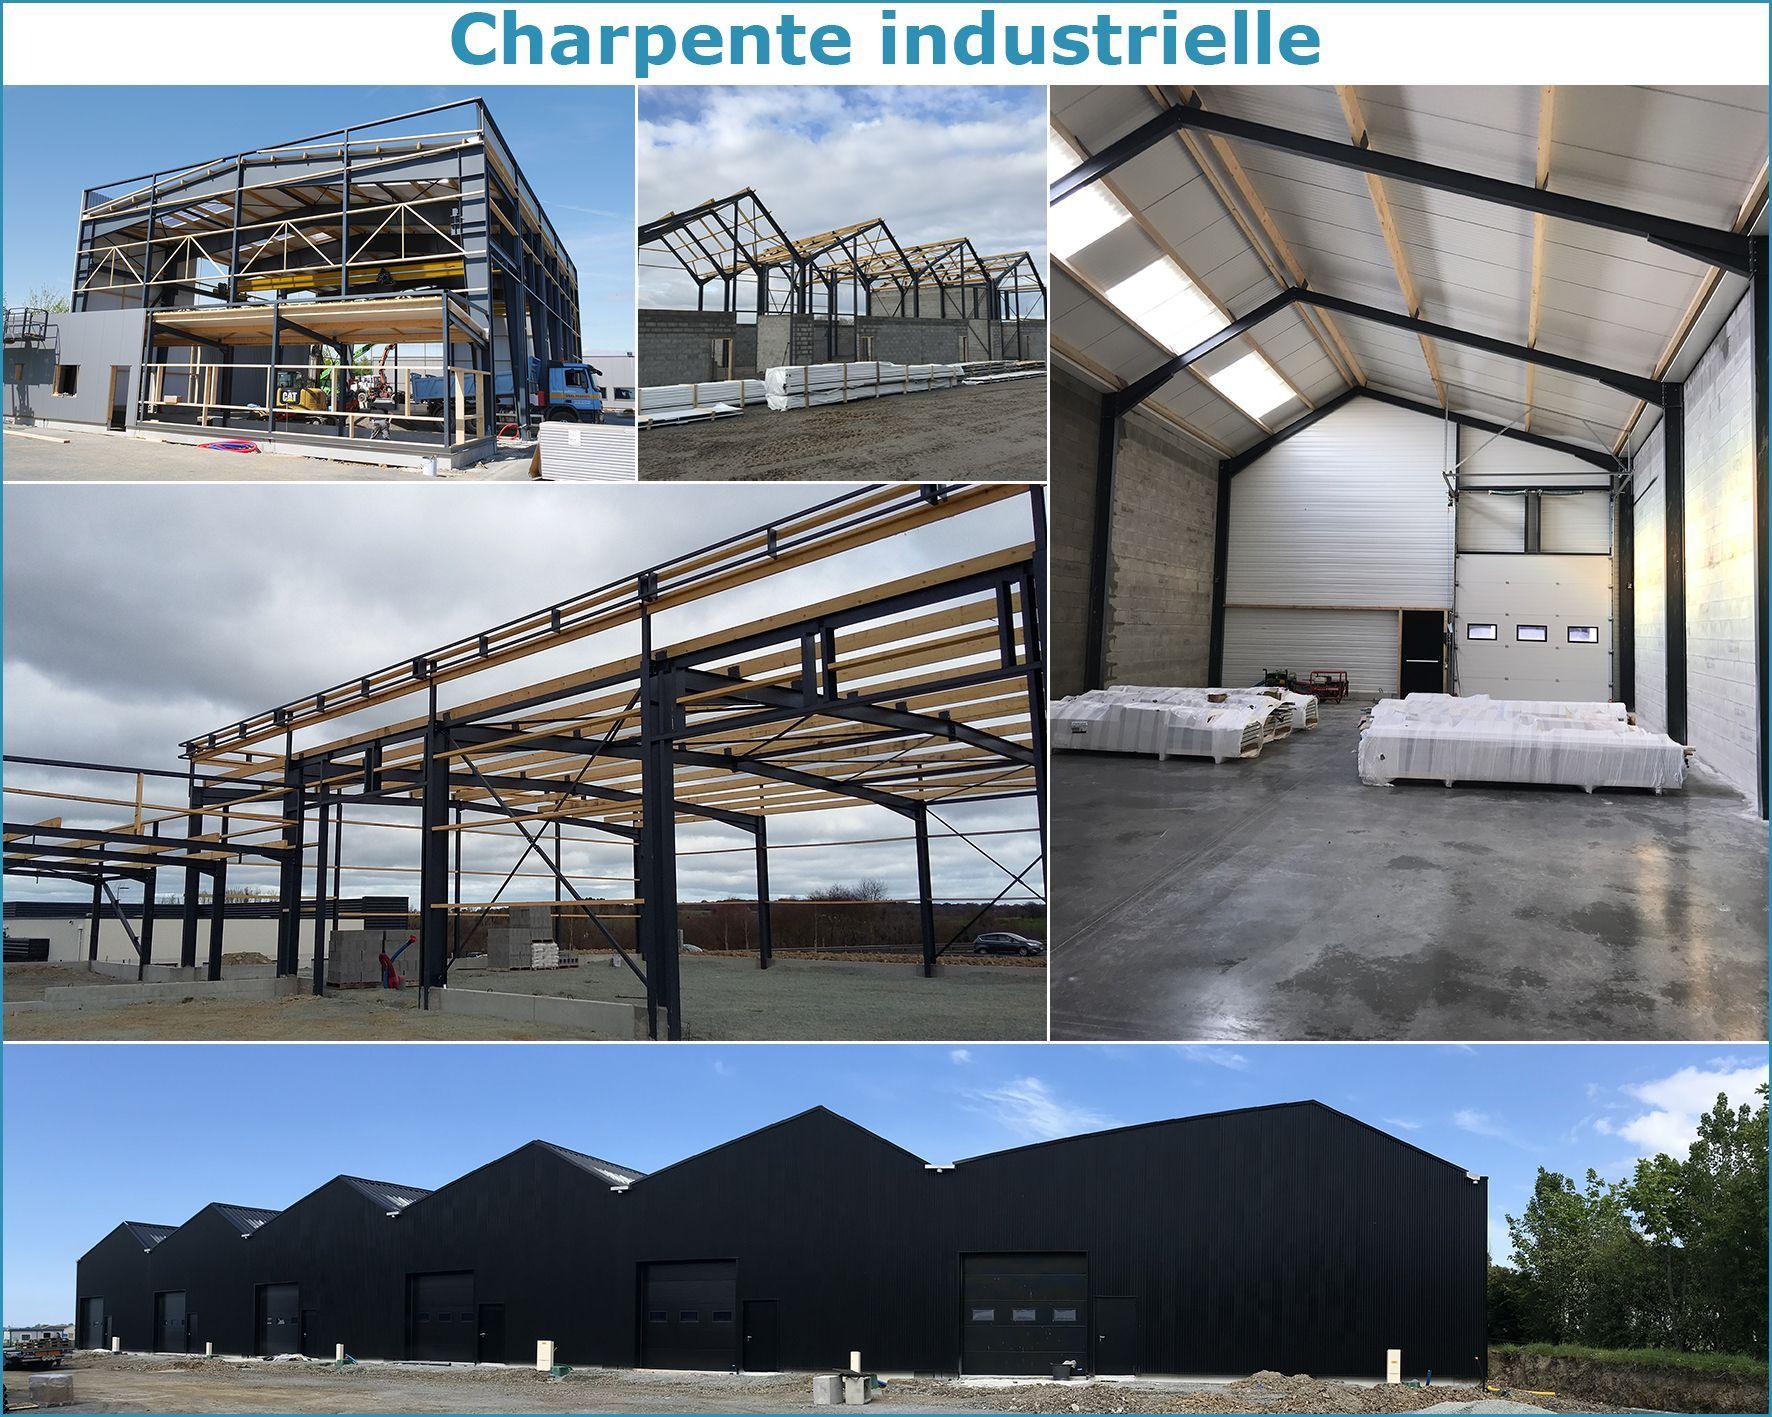 Charpente industrielle